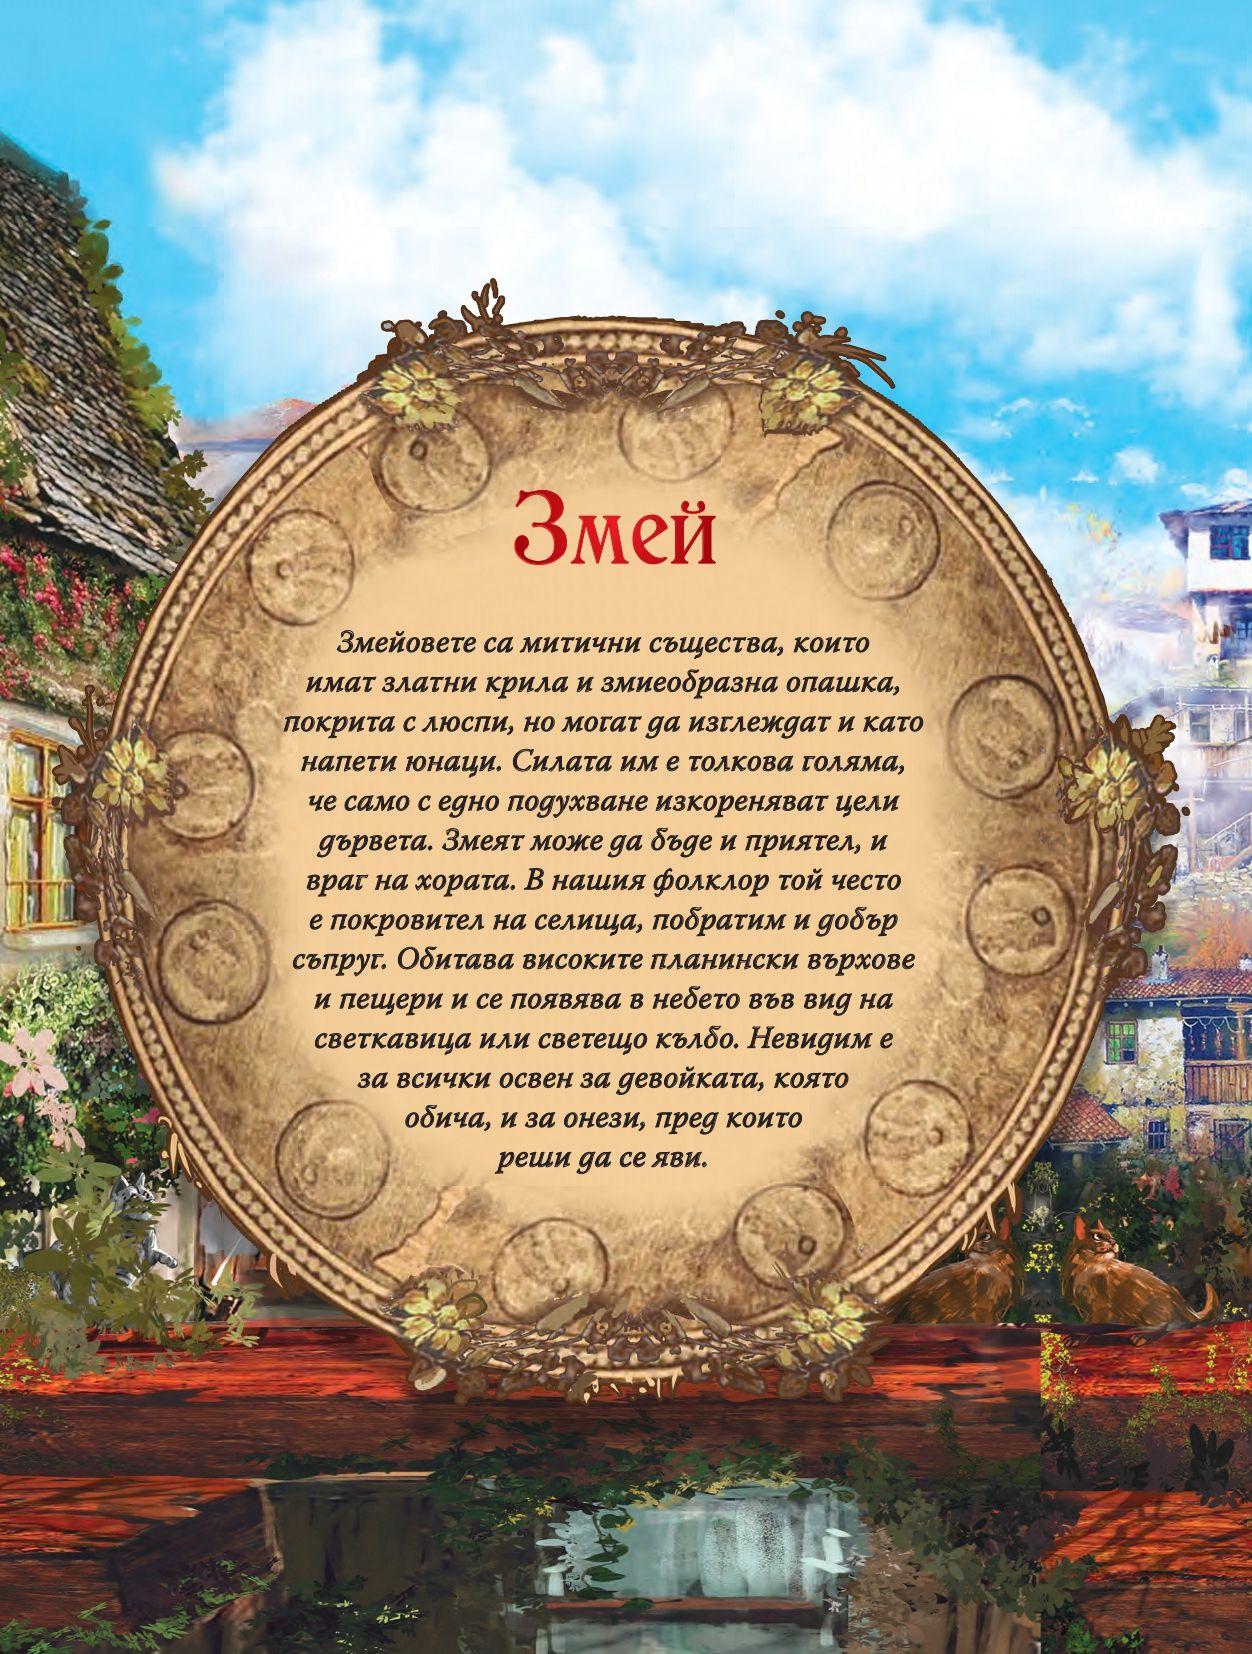 Енциклопедия: Български митични създания - 3